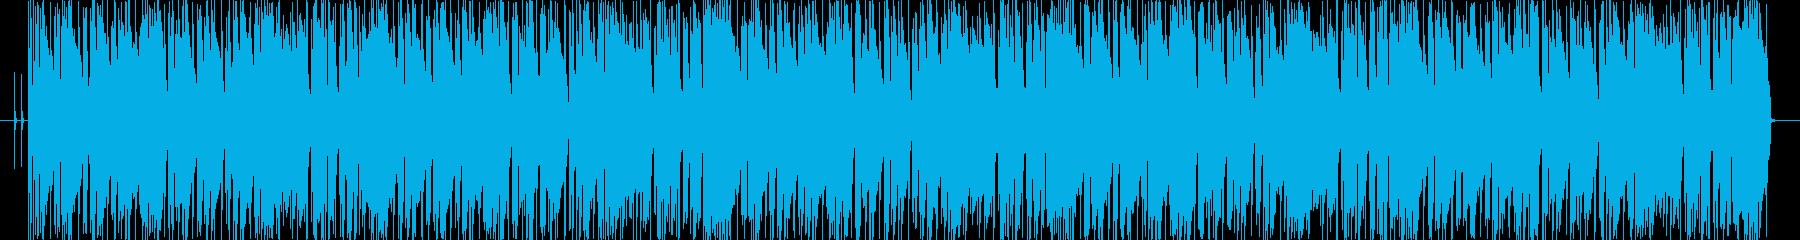 ほのぼのとしたニューオリンズ風シャッフルの再生済みの波形